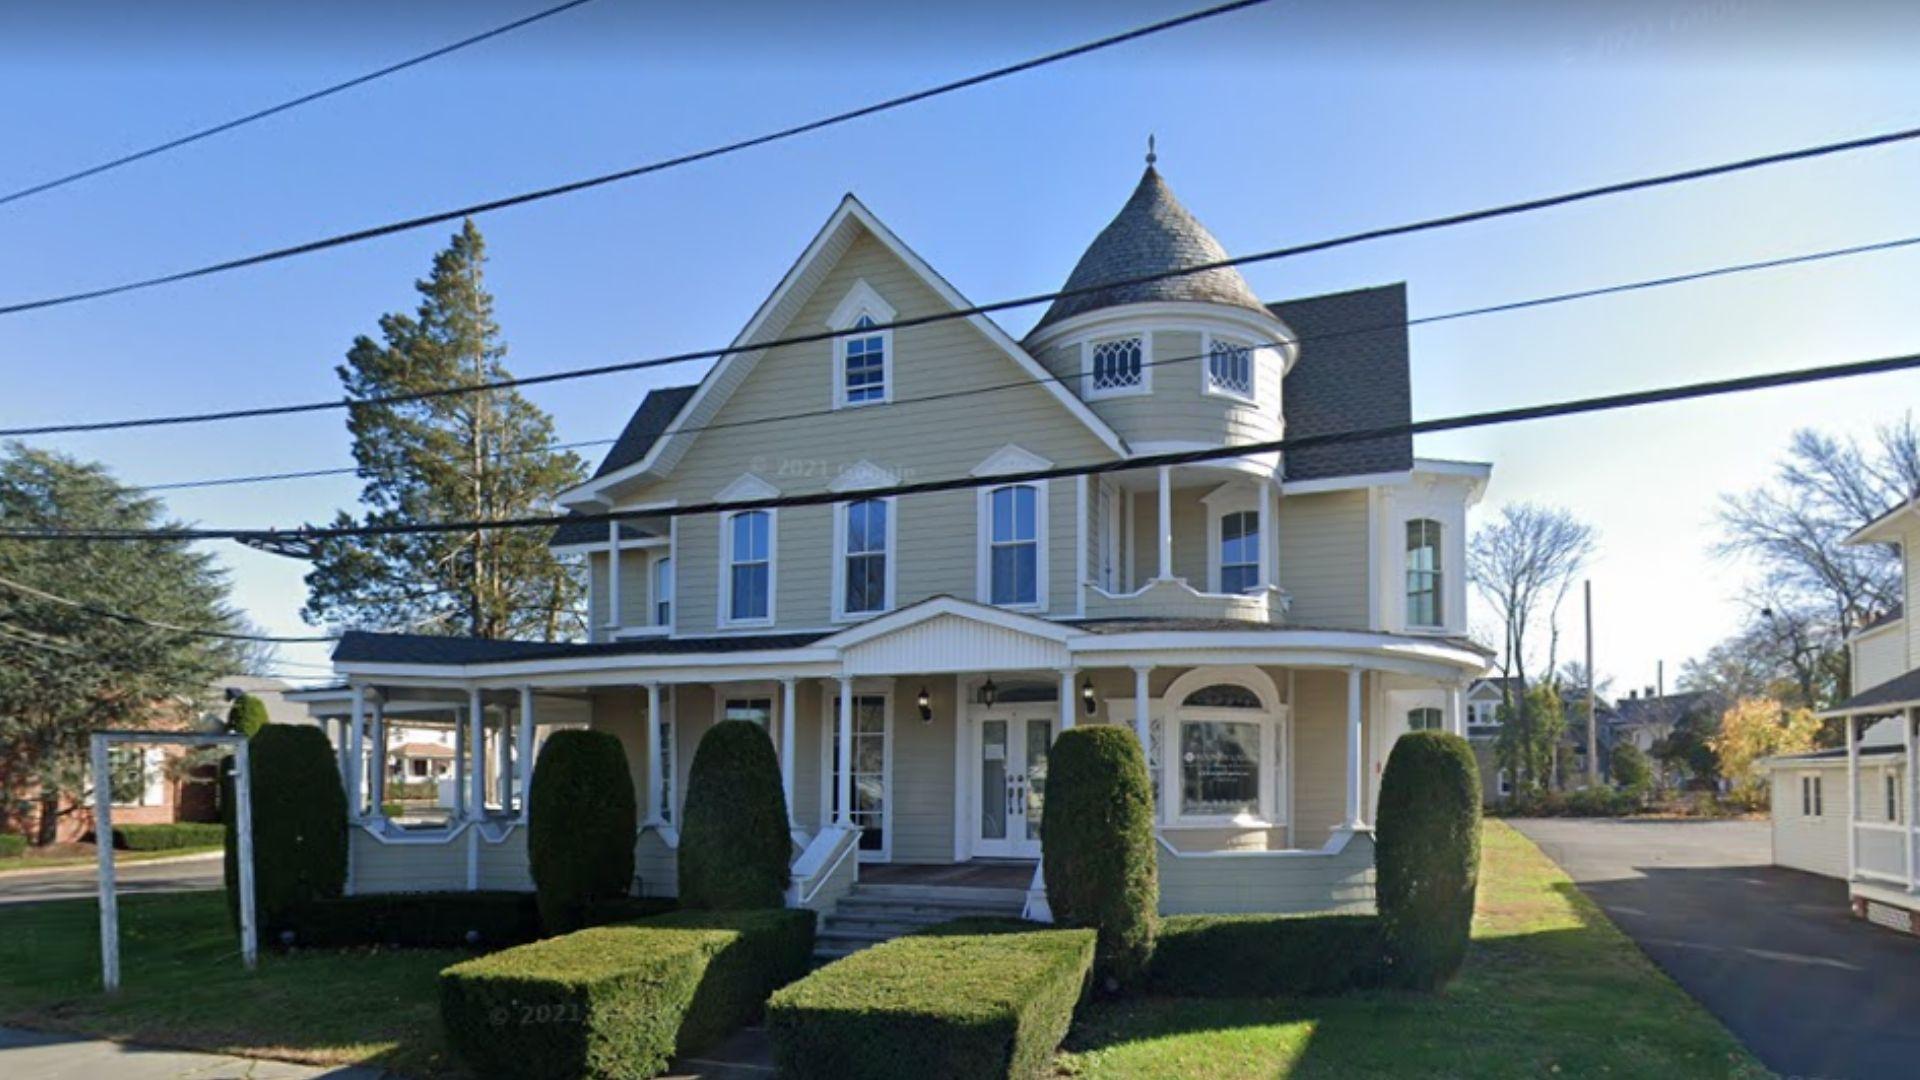 'Sabrina' NJ house for sale